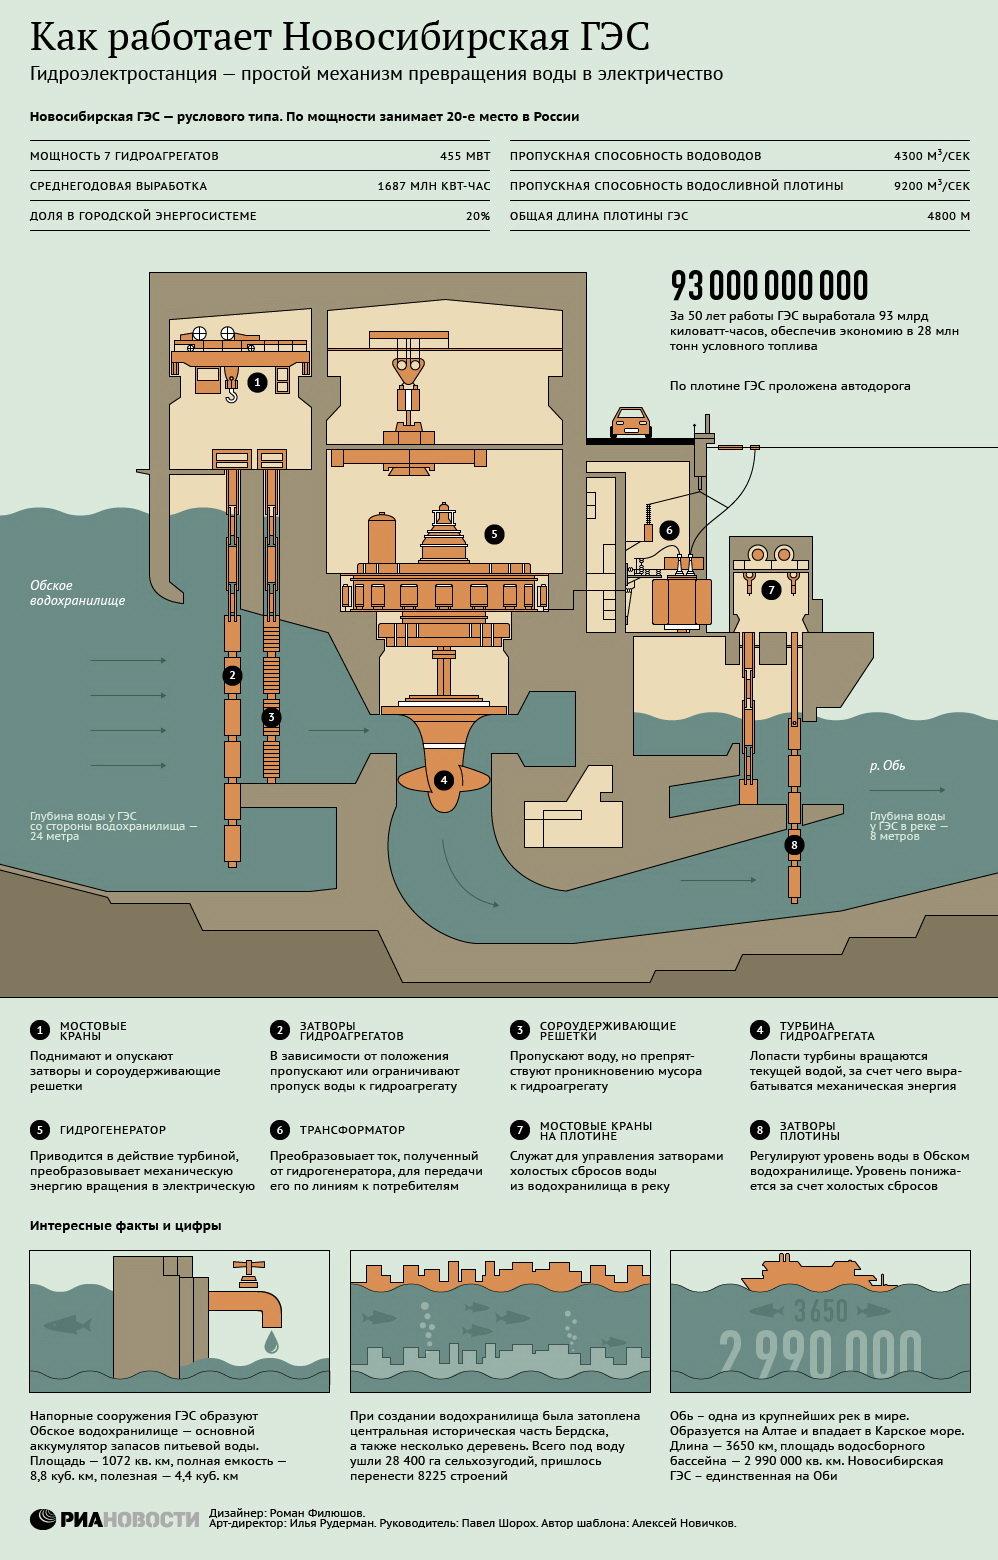 Инфографика РИА как работает ГЭС